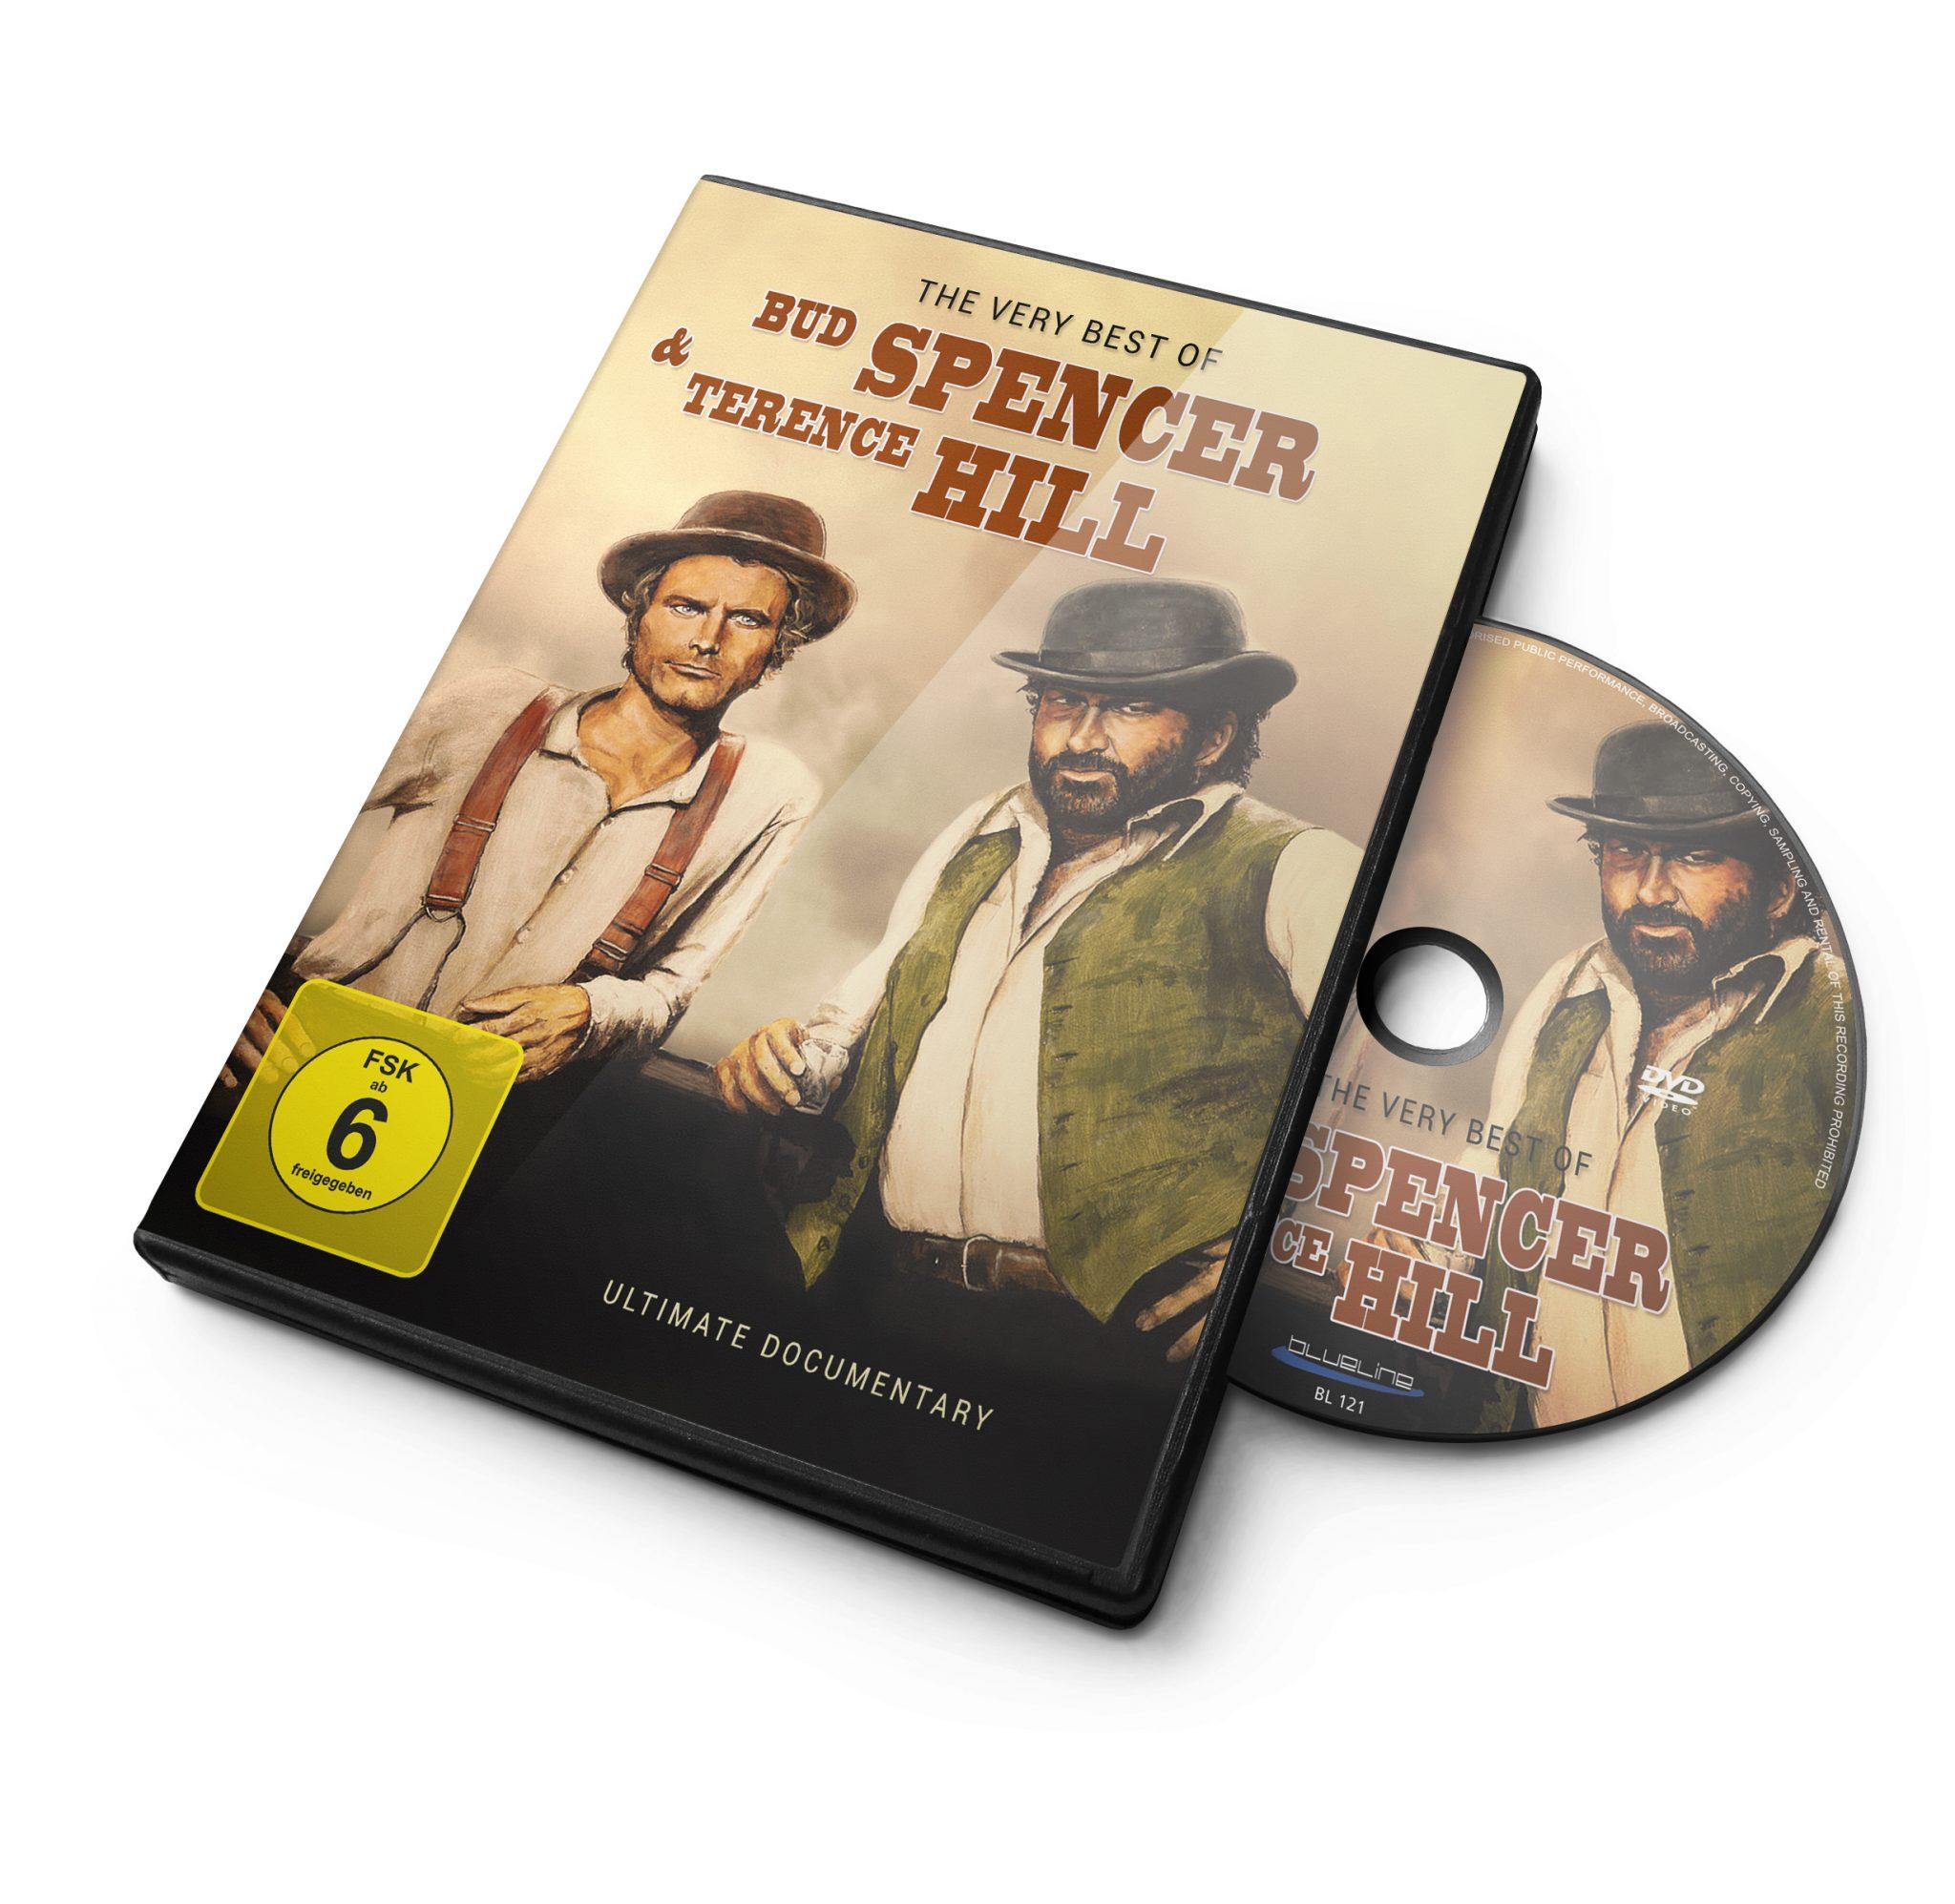 bud spencer-terence hill_dvd